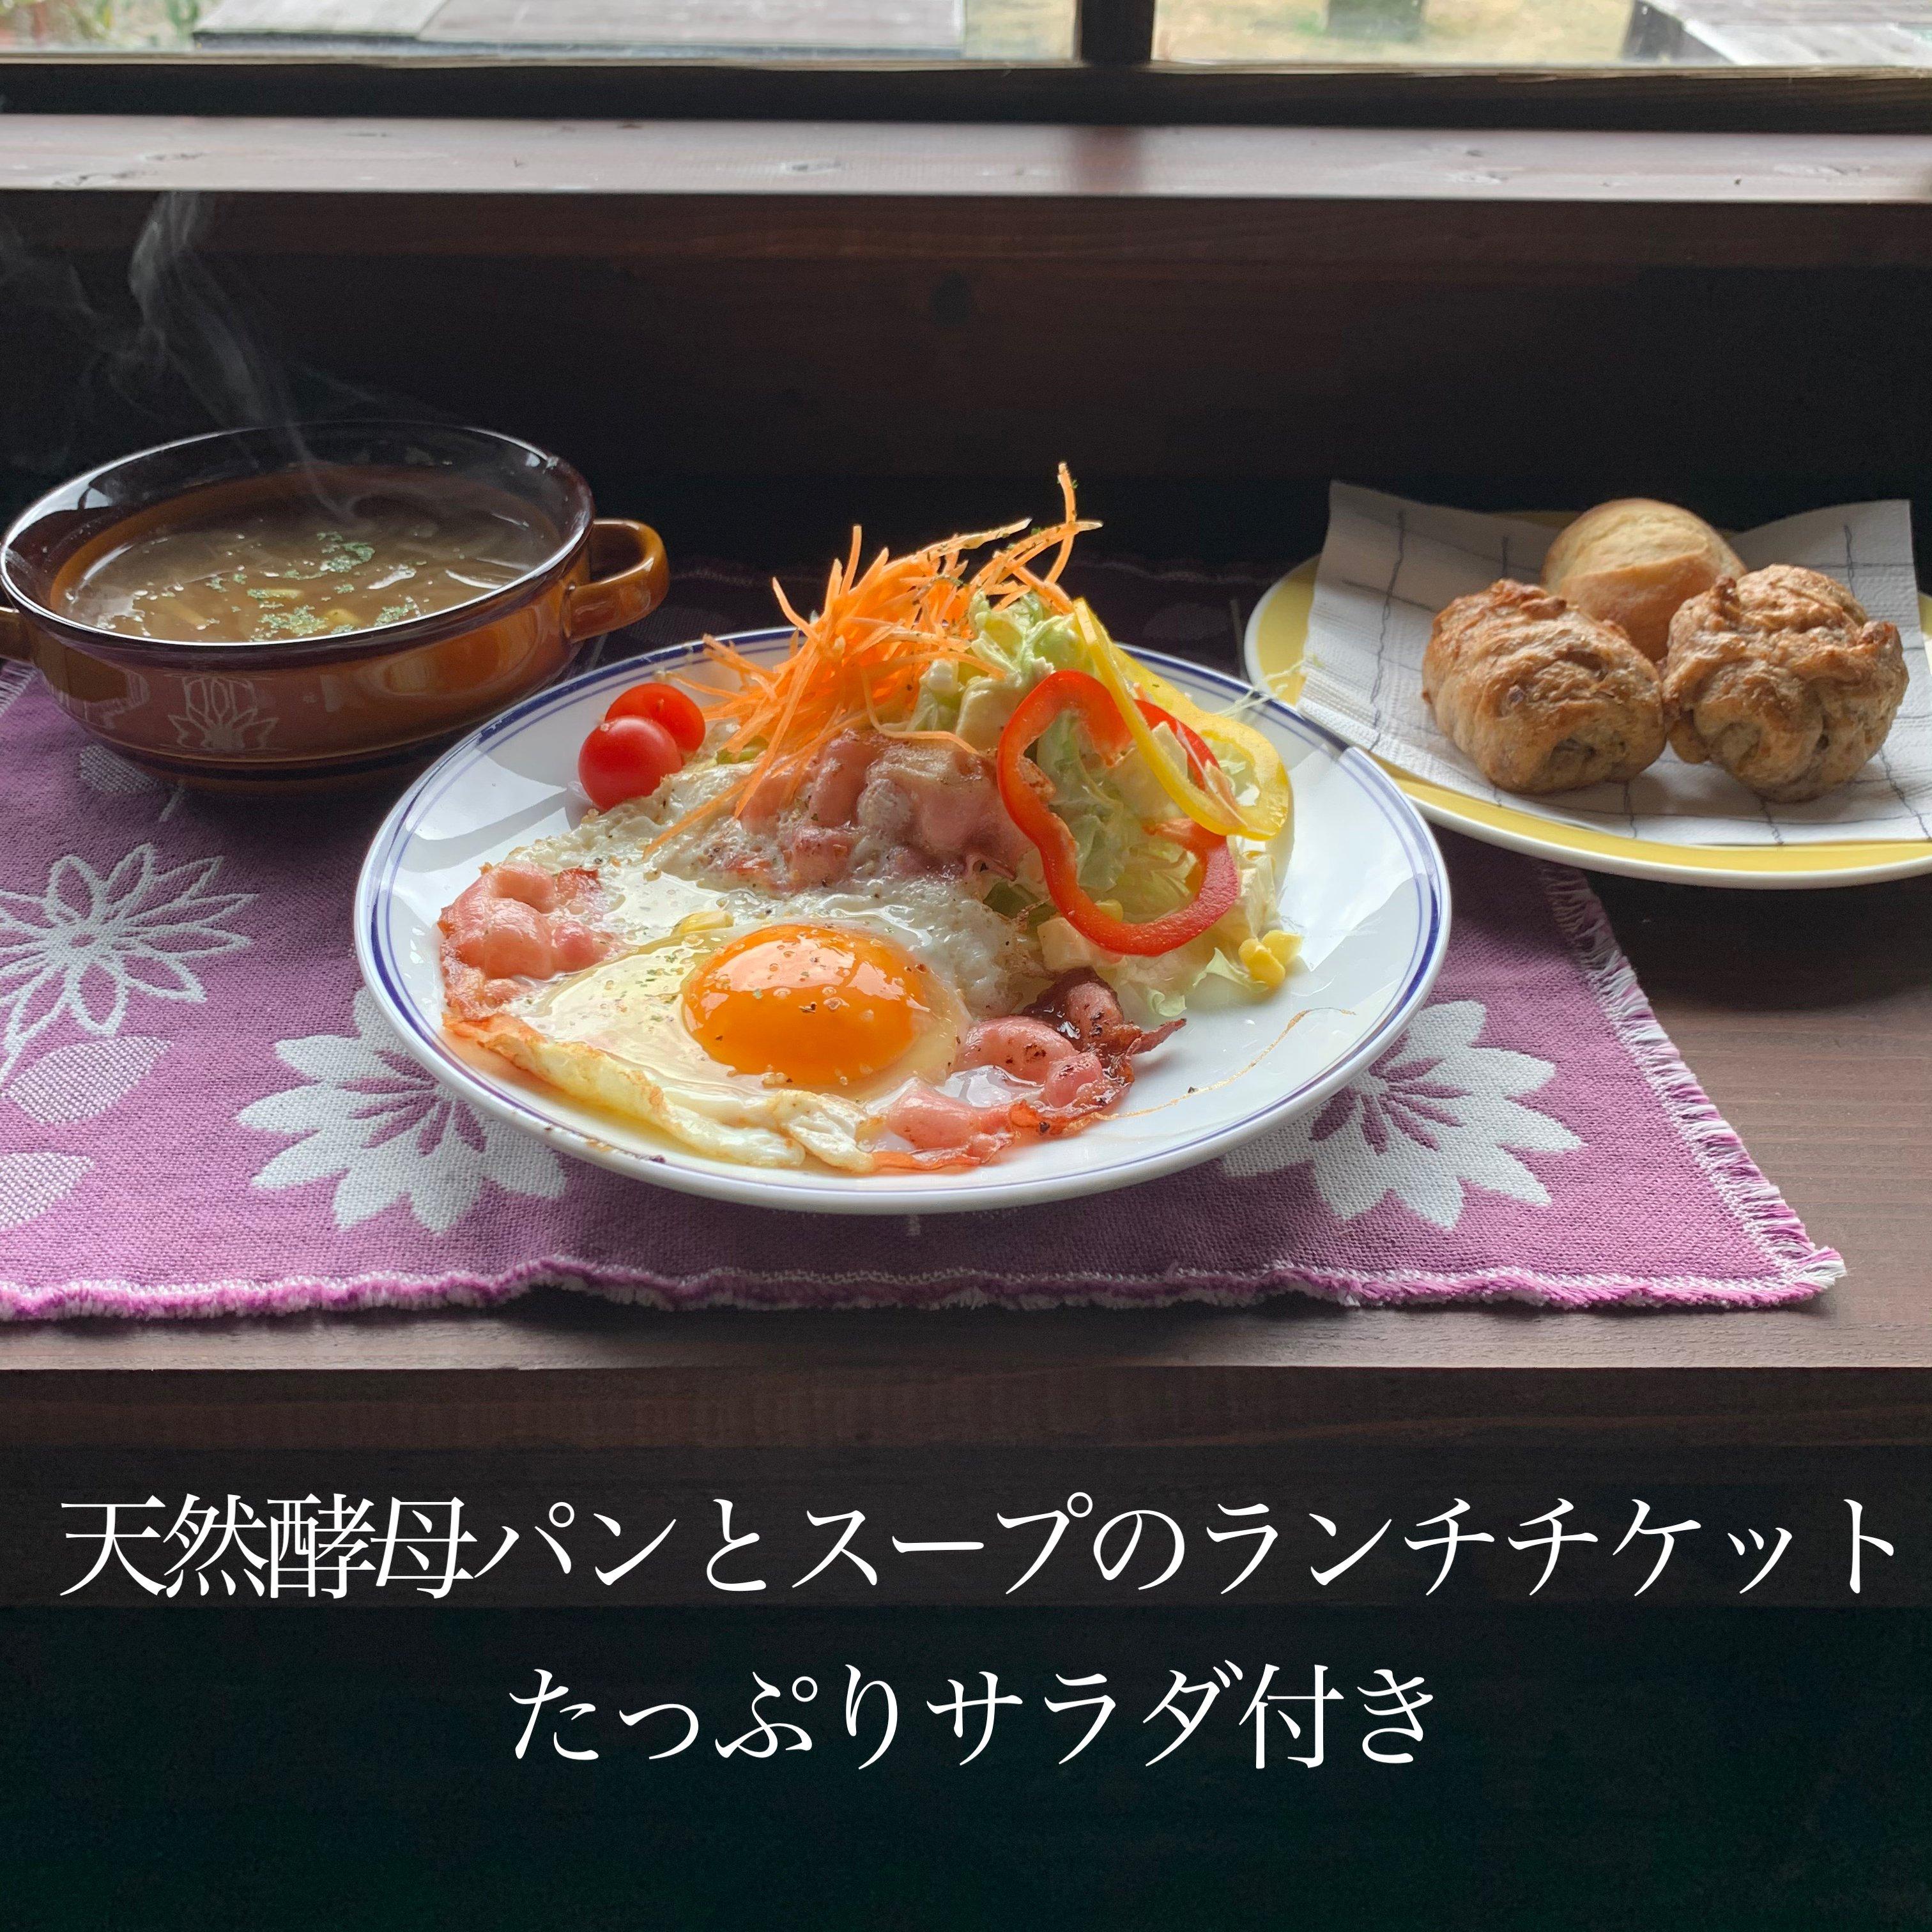 天然酵母パンとスープのランチウェブチケット[900円税込]のイメージその1